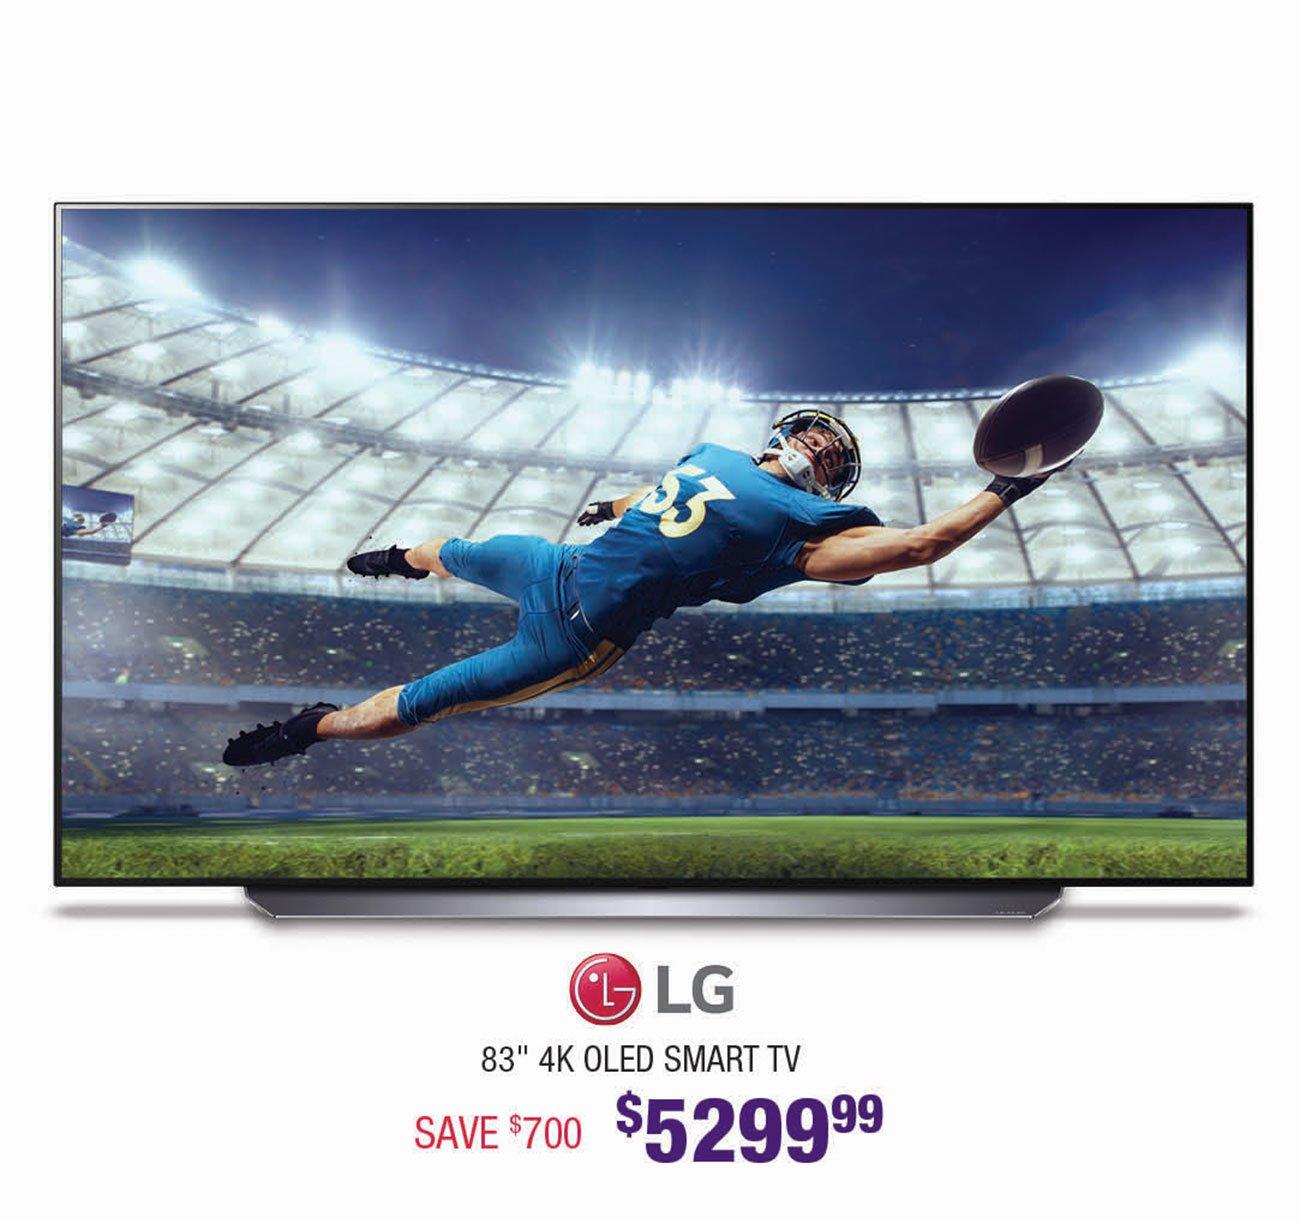 LG-4K-OLED-Smart-TV-UIRV